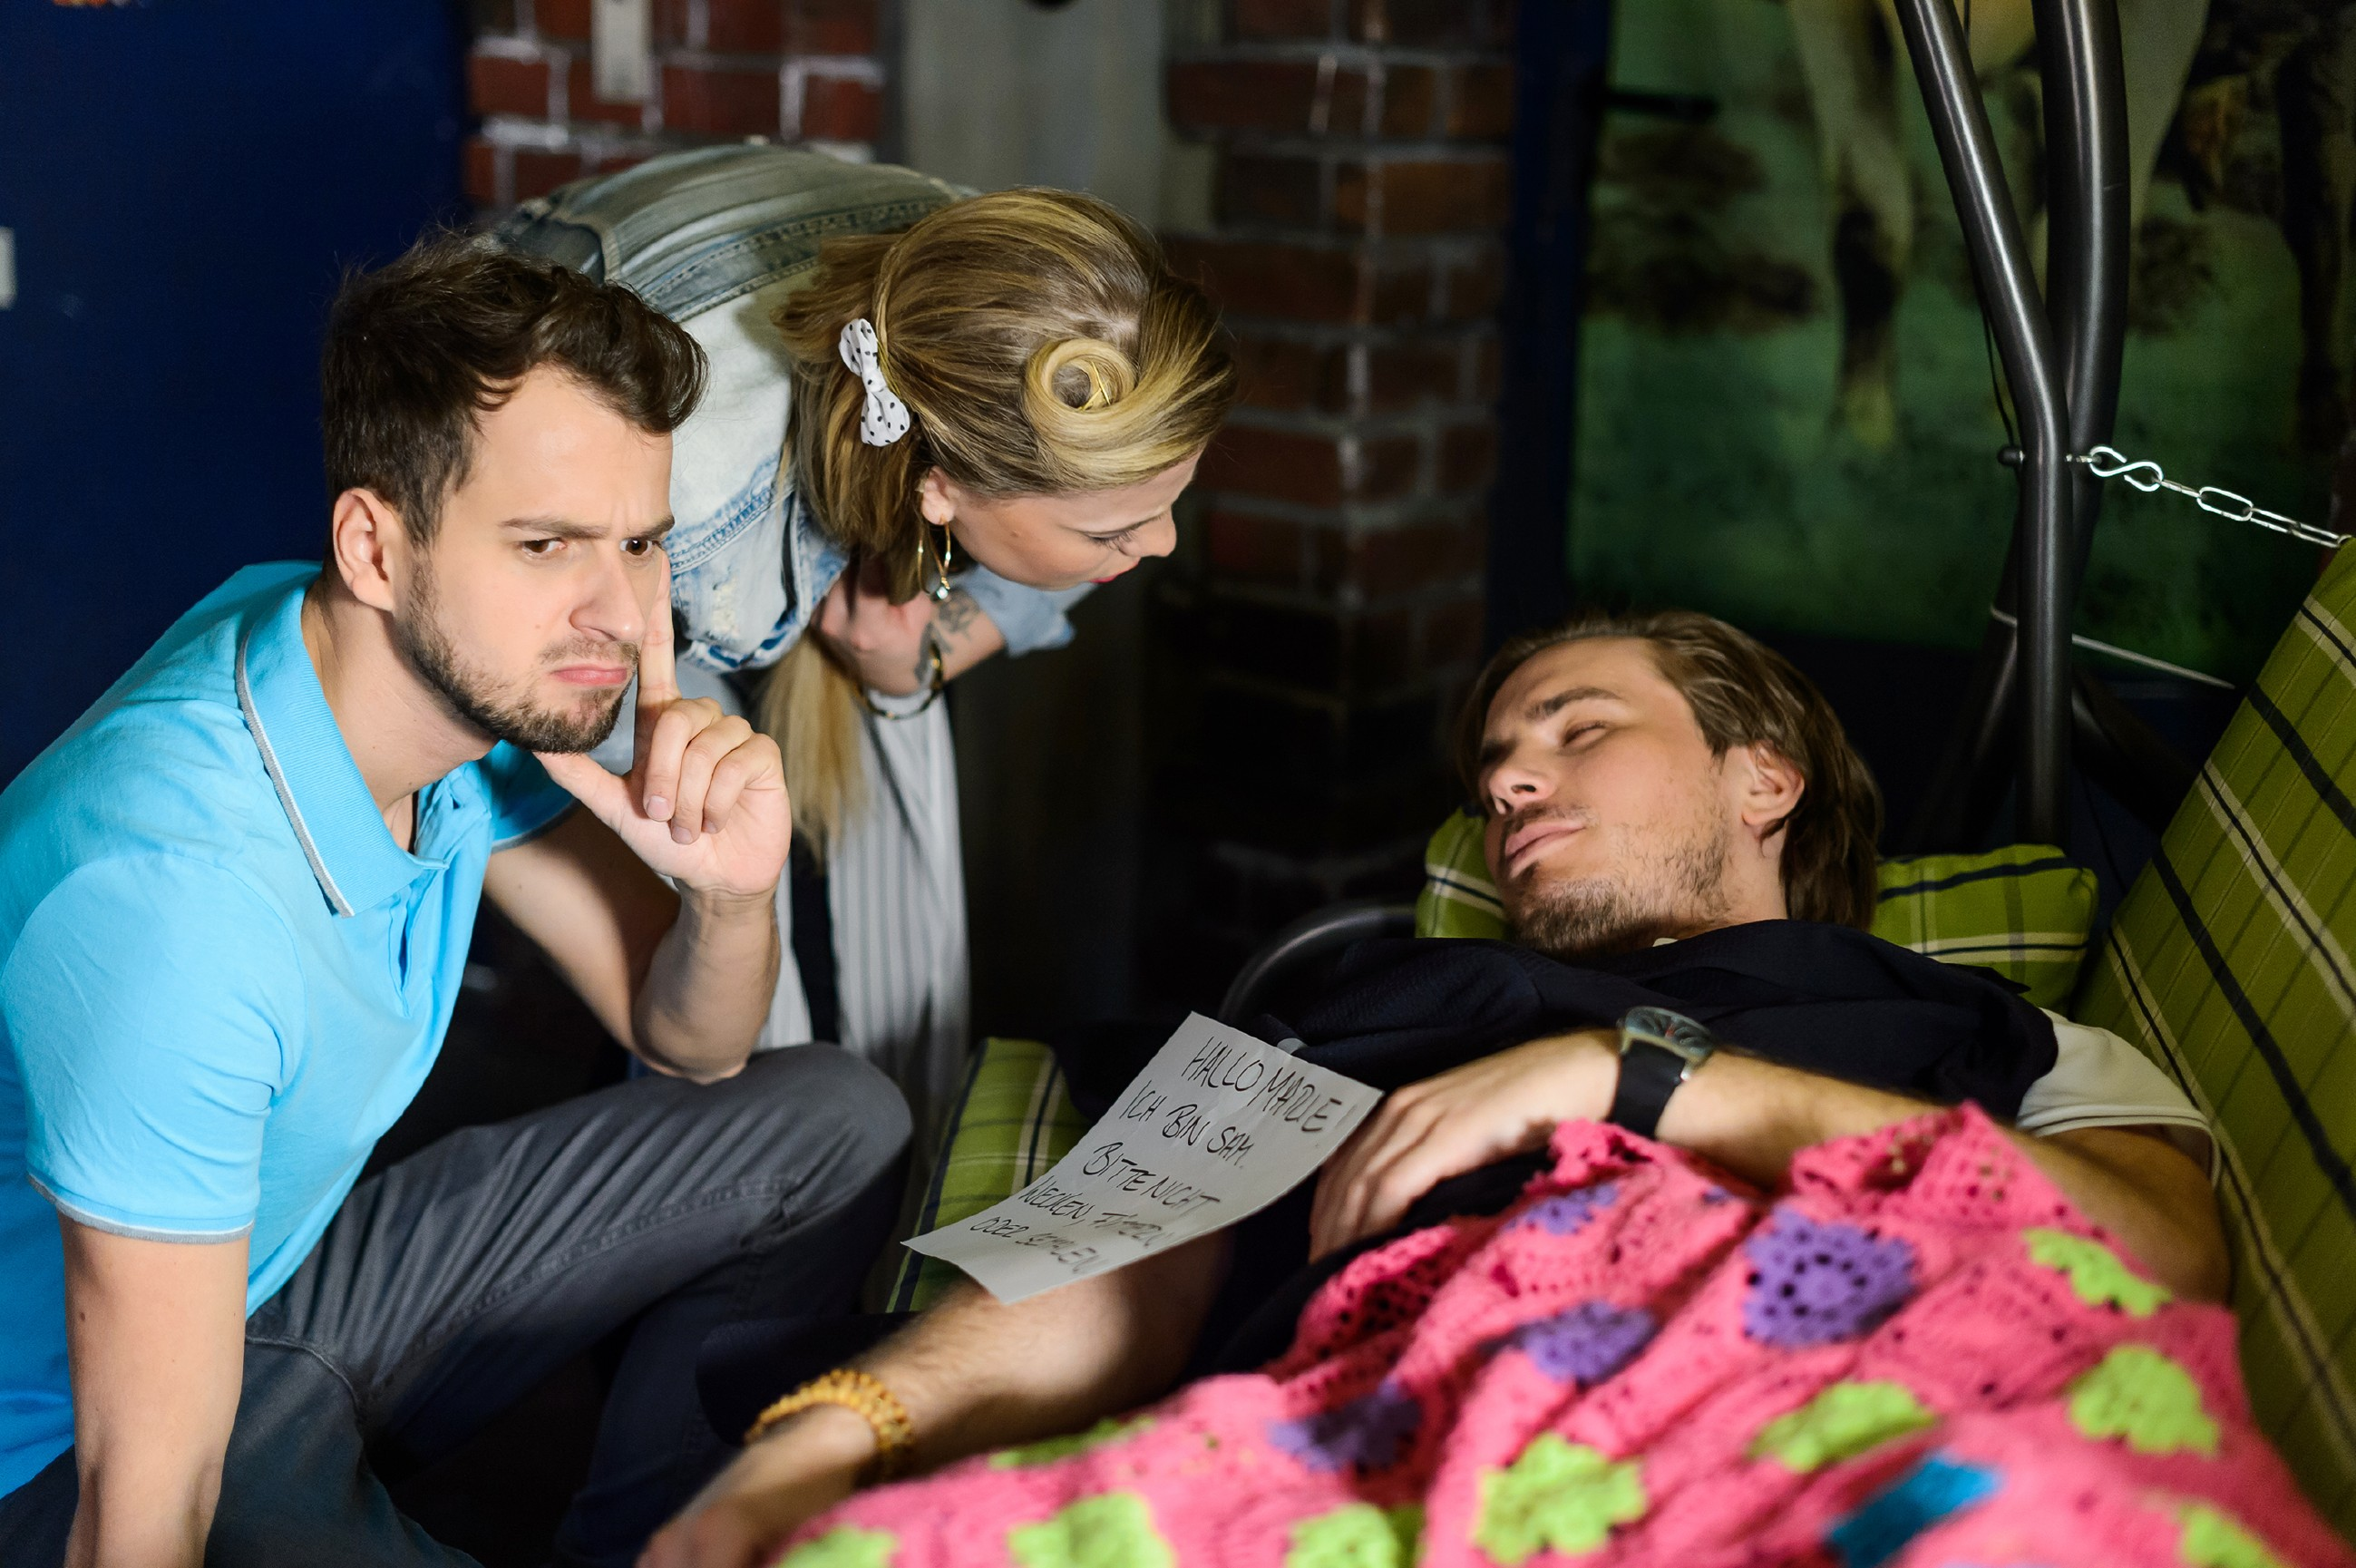 Während Sam (Alexander Milz, r.) seinen Rausch auf der Hollywoodschaukel ausschläft, sind sich Tobi (Michael Jassin, l.) und Iva (Christina Klein) einig, dass Marie ohne Leo besser dran ist.